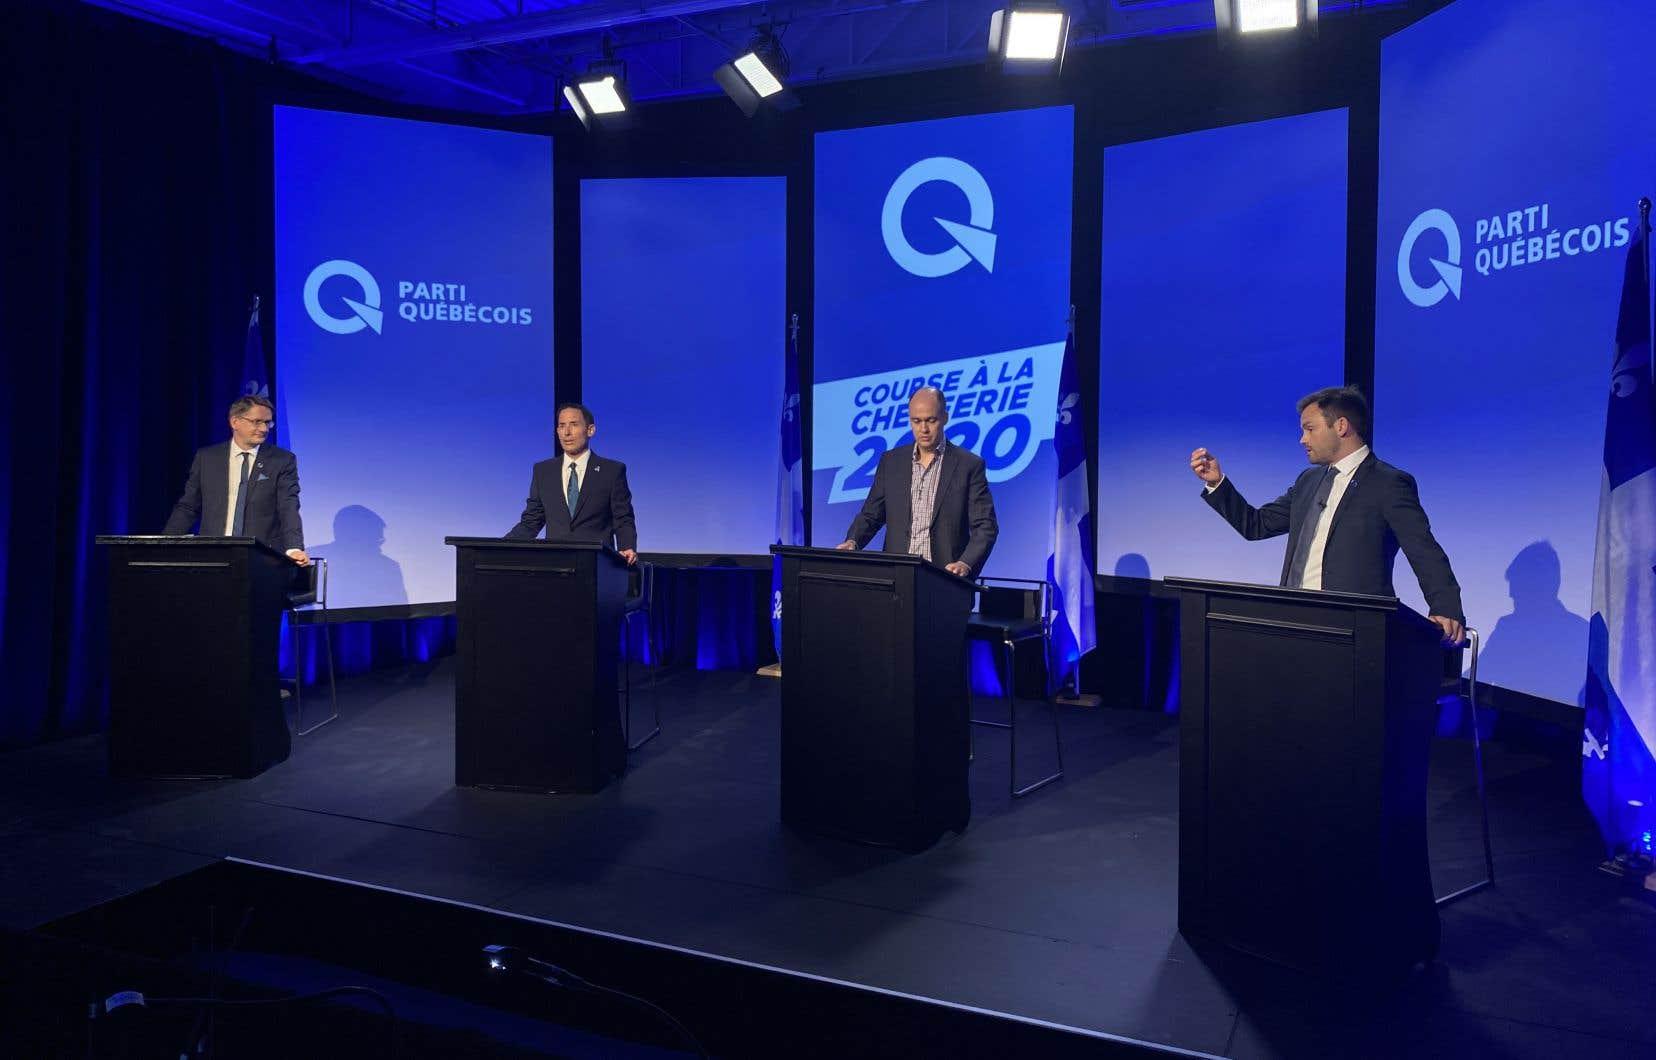 Chaque personne habilitée à voter devra indiquer ses trois premiers choix par les quatre candidats en lice: le député Sylvain Gaudreault, l'historien Frédéric Bastien,l'humoriste Guy Nantel et l'avocat Paul St-Pierre Plamondon.